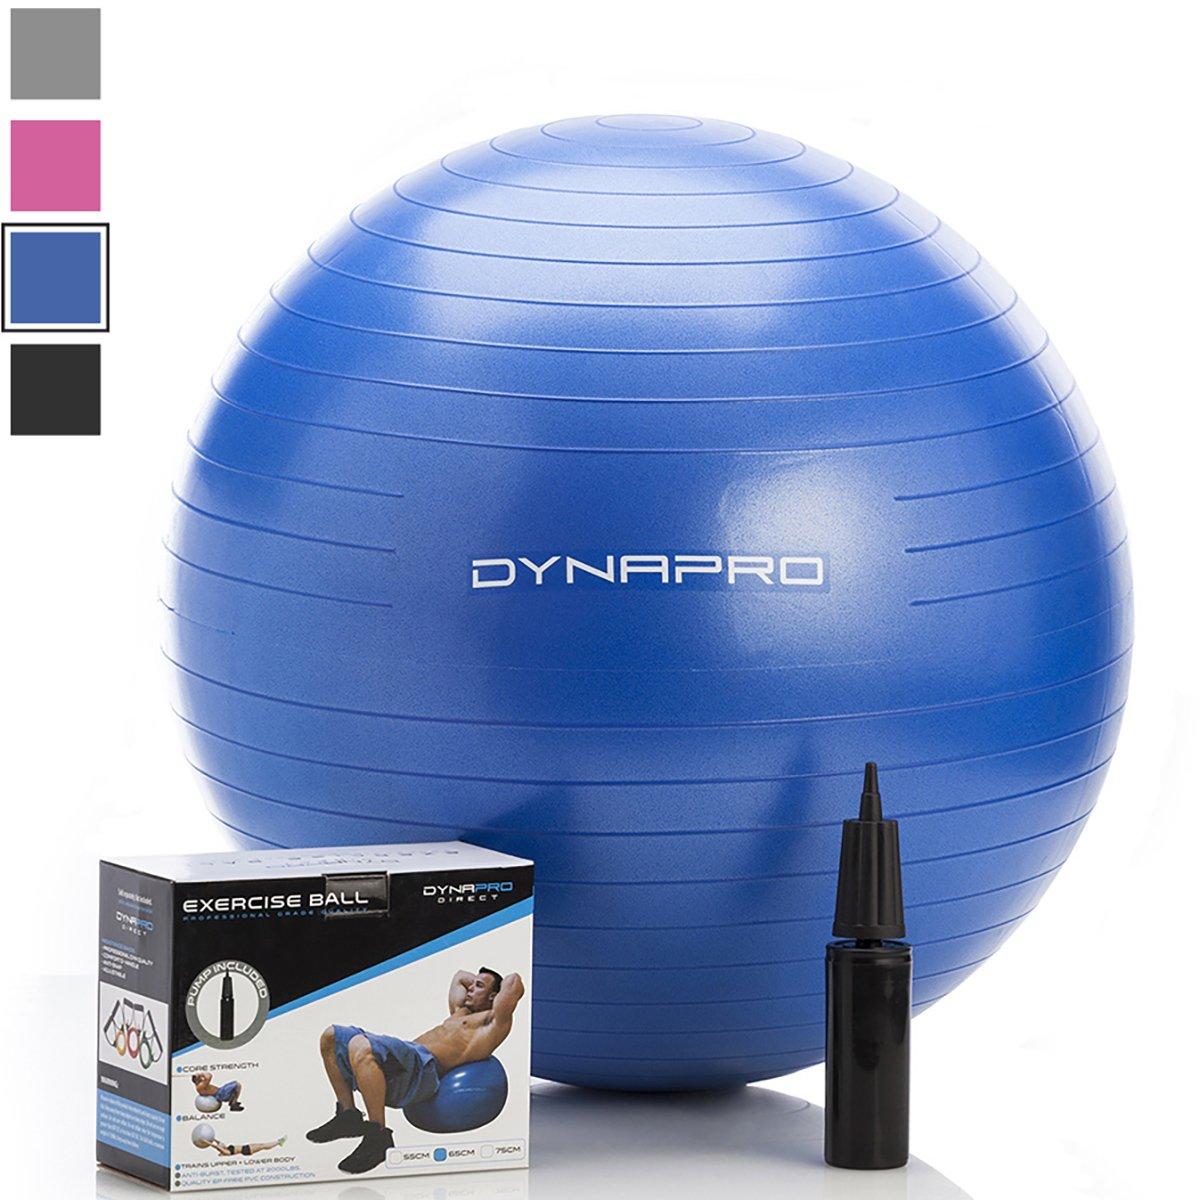 DynaPro Anti Burst Ball